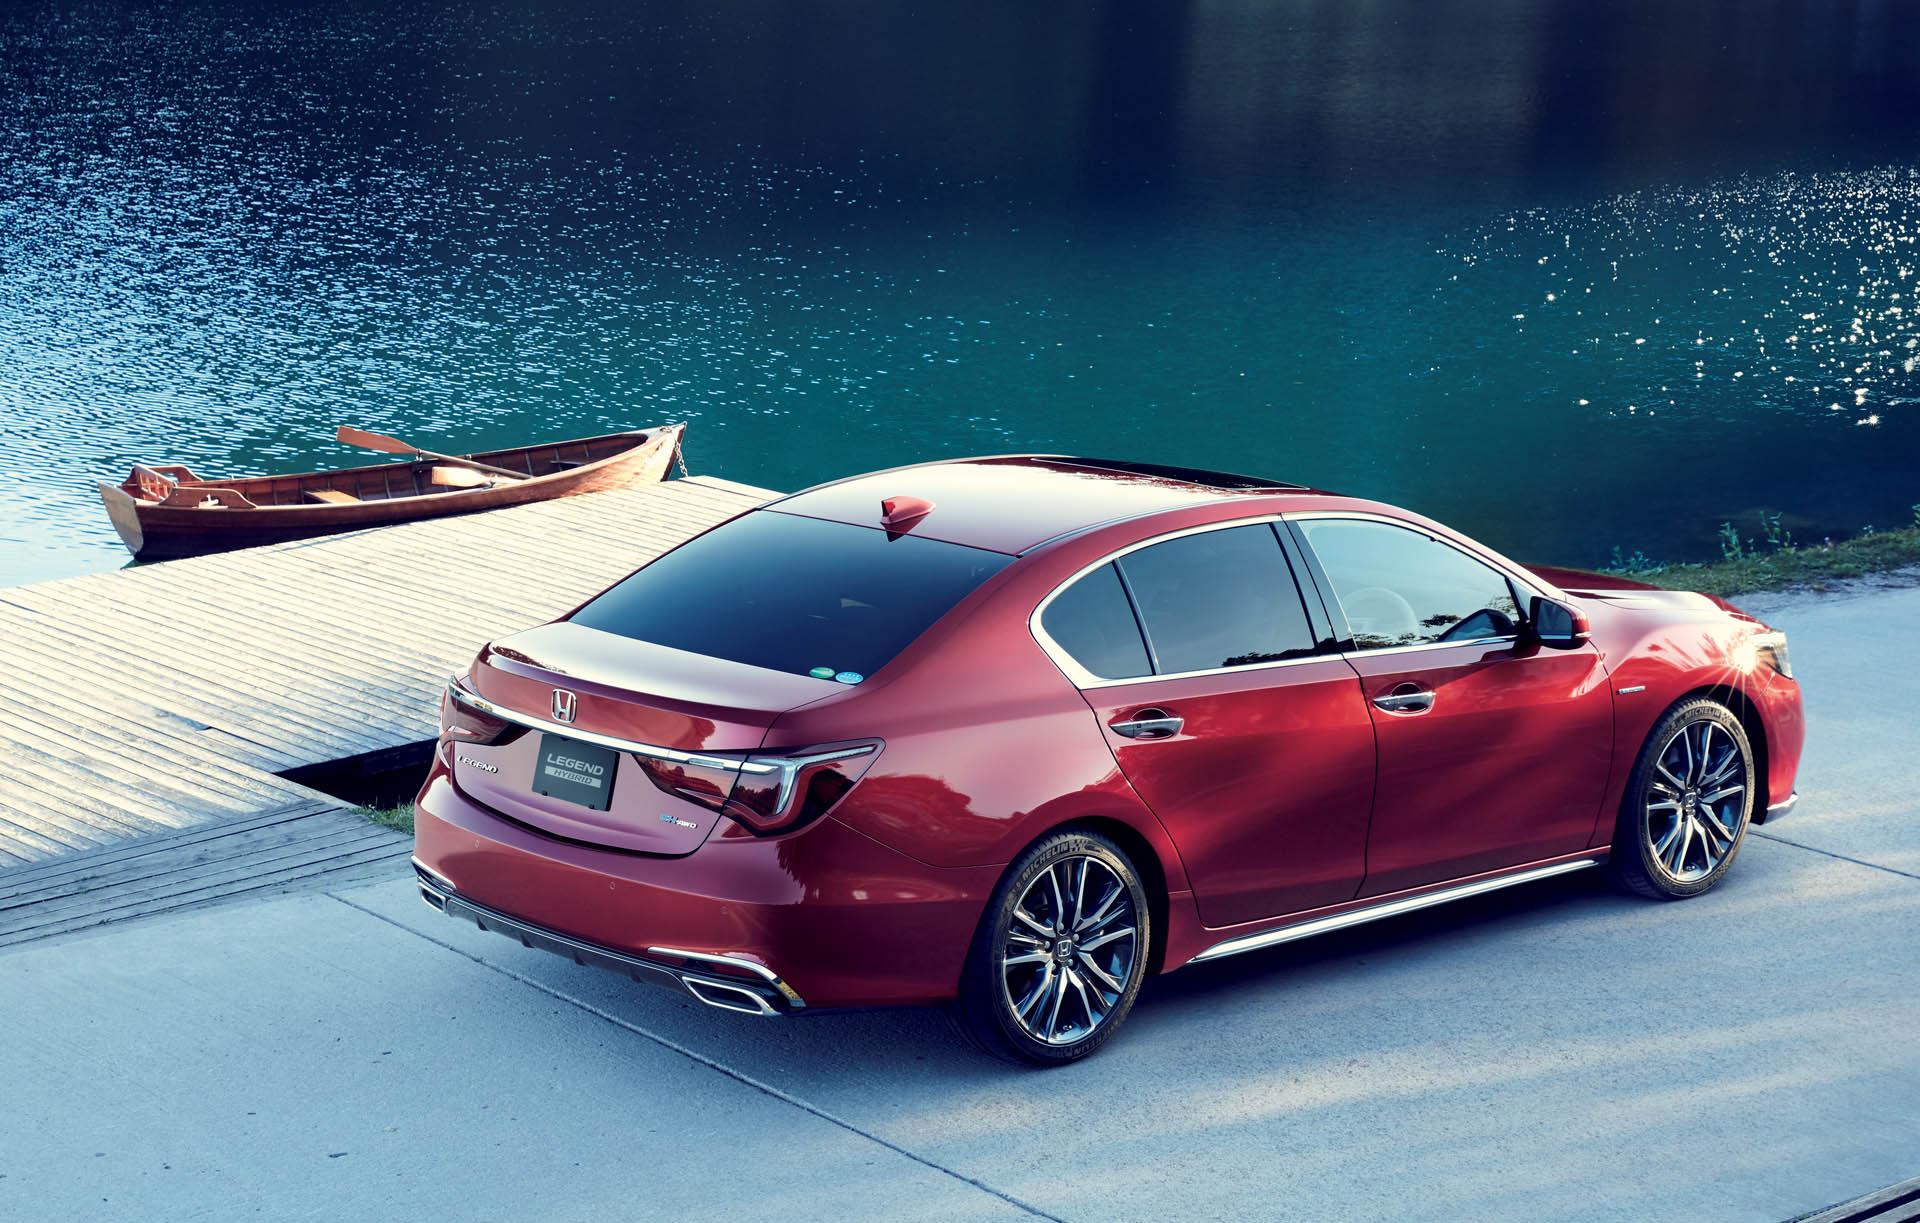 Автопроизводитель Honda официально объявил о старте продаж в Японии новой генерации седана Legend